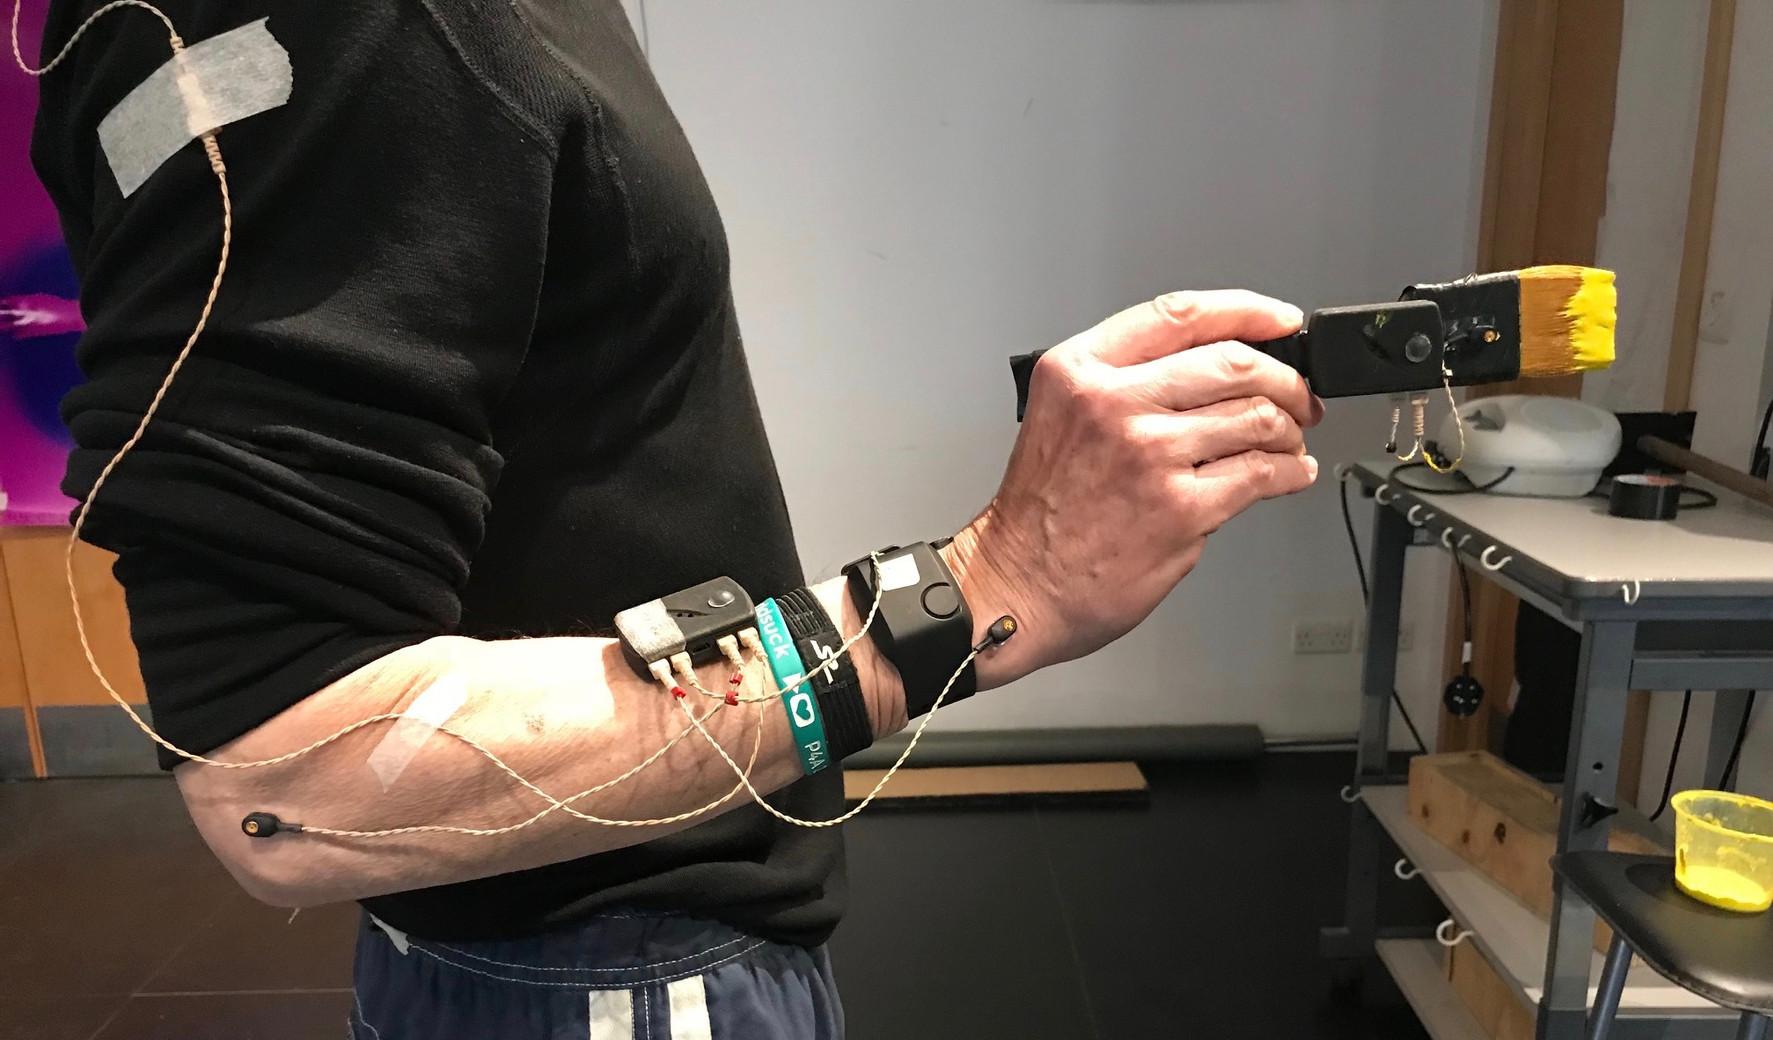 Participant holding brush / Sensors